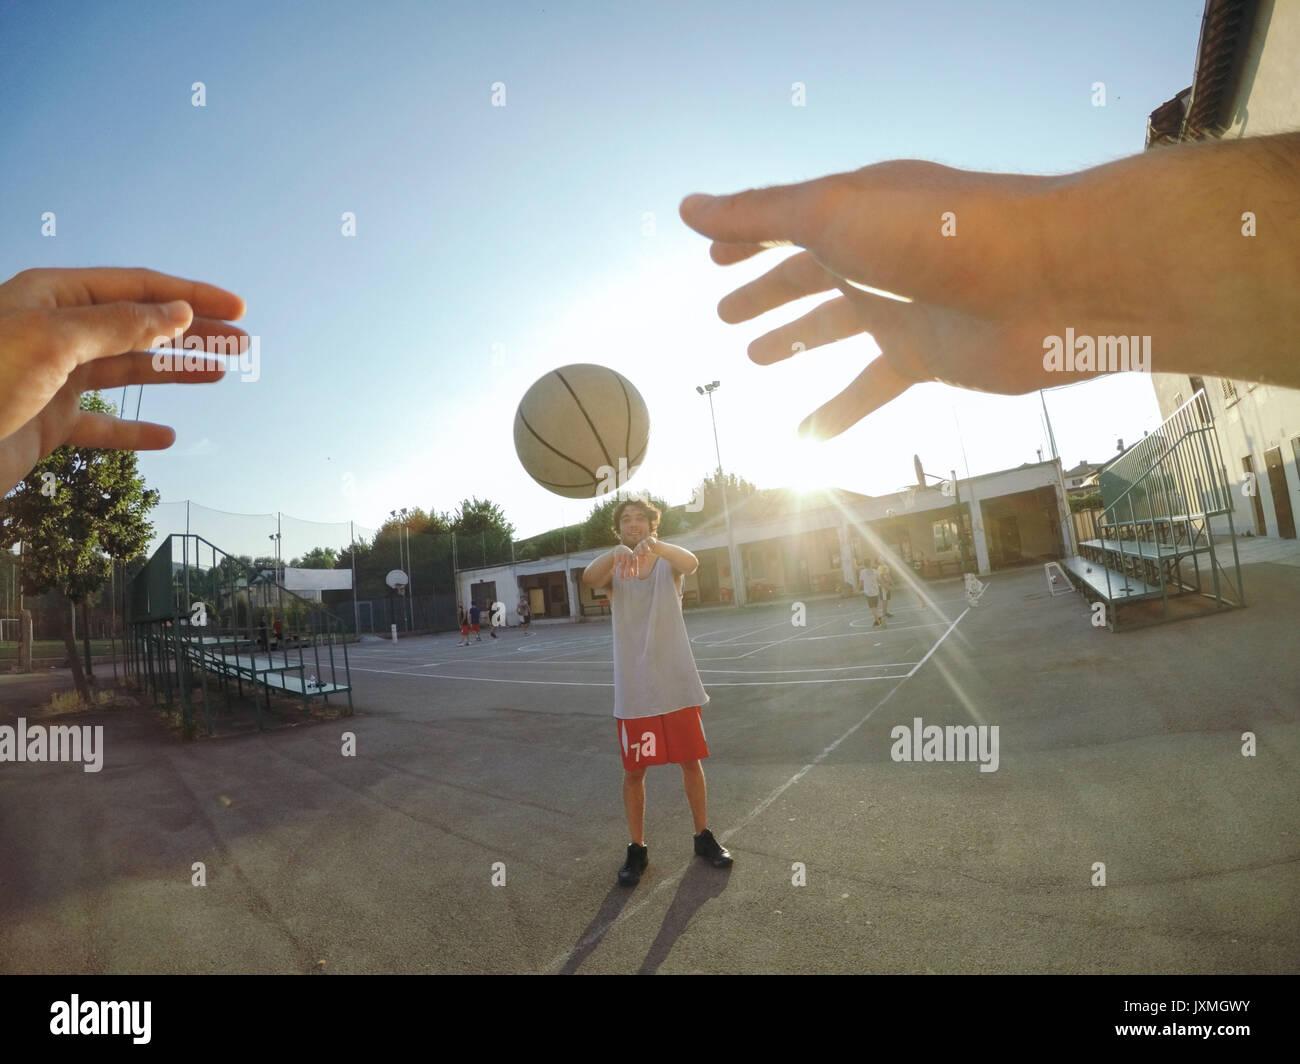 Point de vue, image de l'homme au basket-ball lancer coéquipier Photo Stock